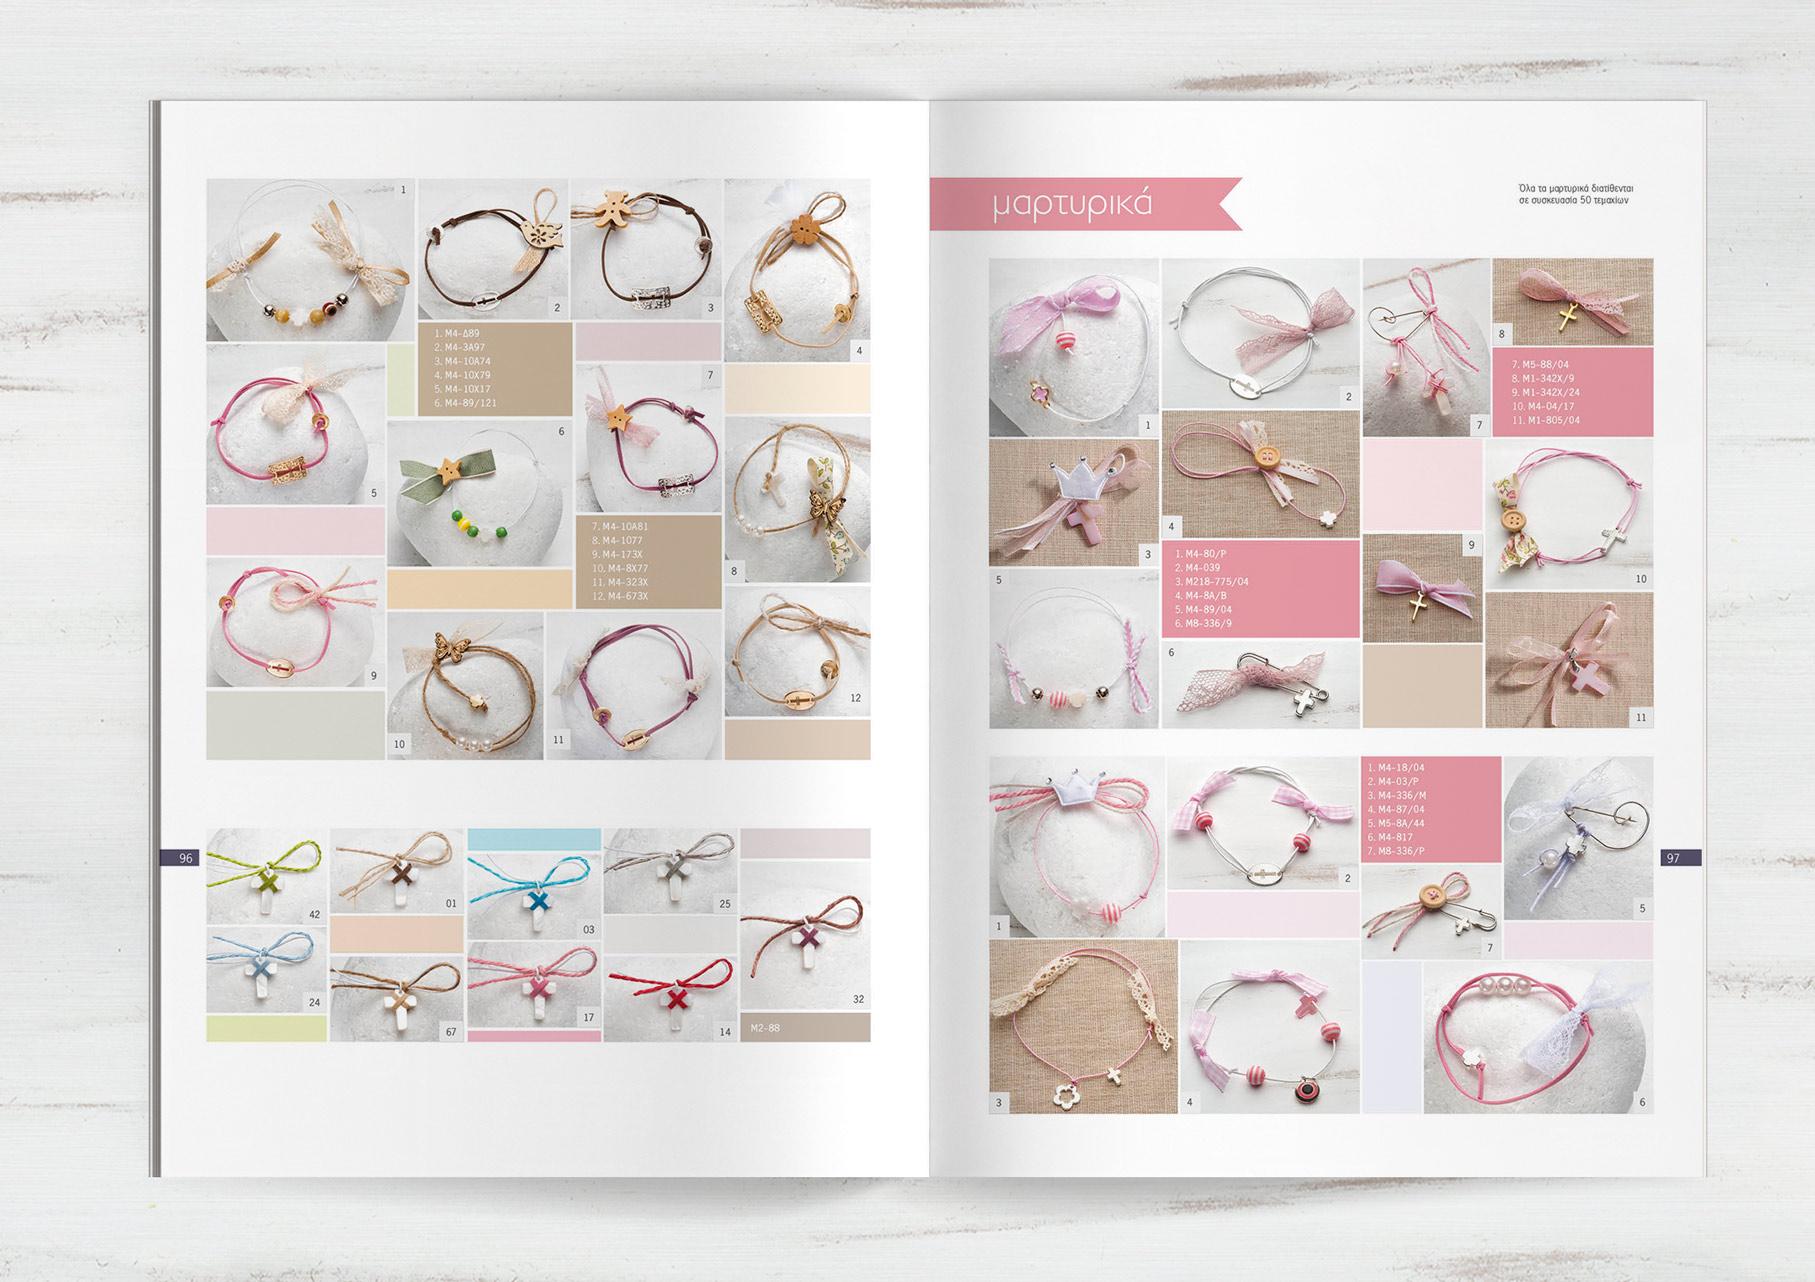 Φωτογράφιση & σχεδιασμός καταλόγου ΠΑΡΙΣΗΣ • adeadpixel